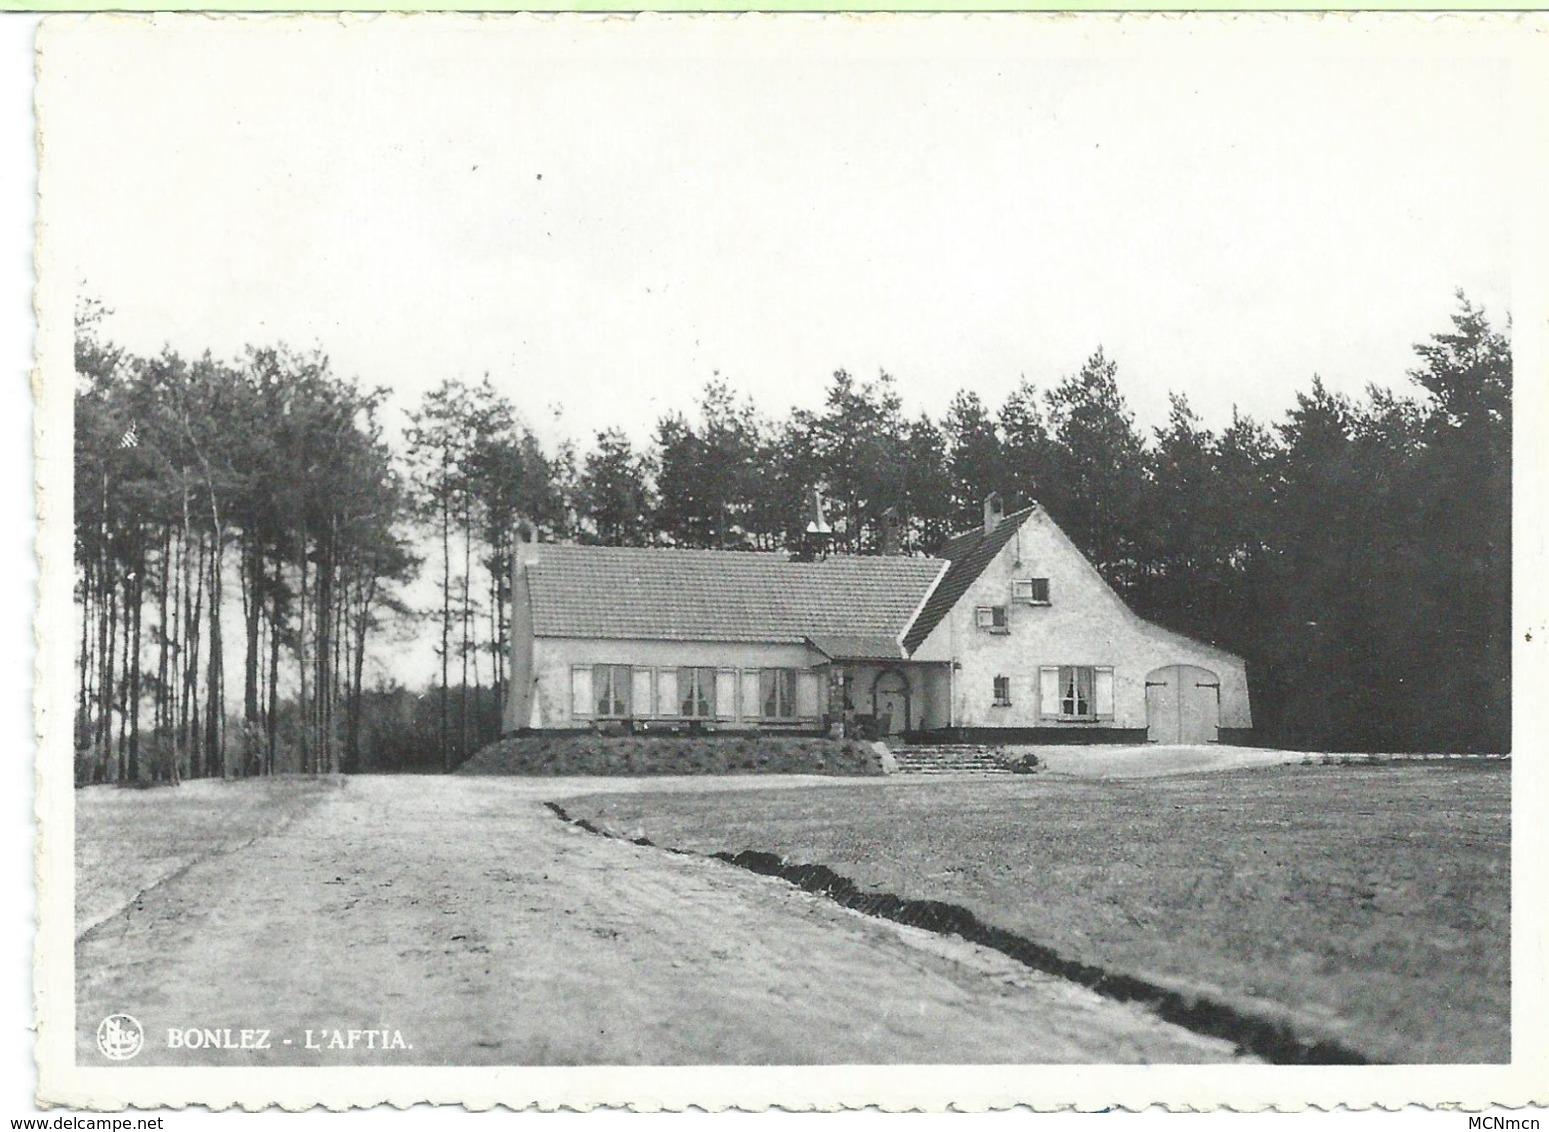 887. Bonlez - L'Aftia - Chaumont-Gistoux